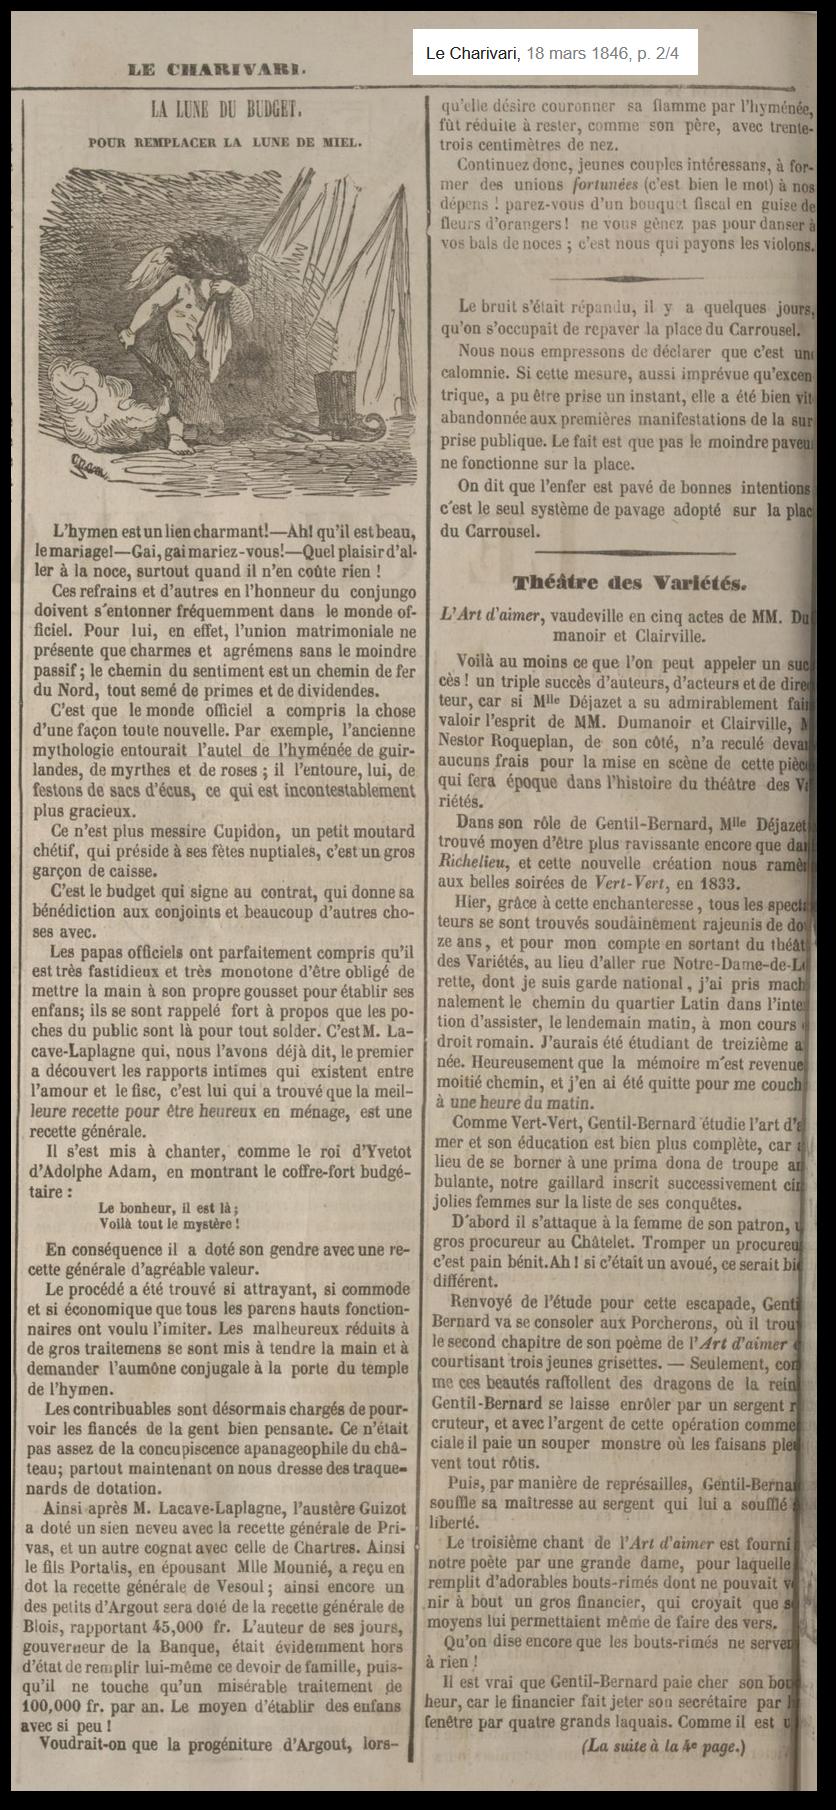 La nuit de noces aux 19ème siècle : histoire d'une domination de genre